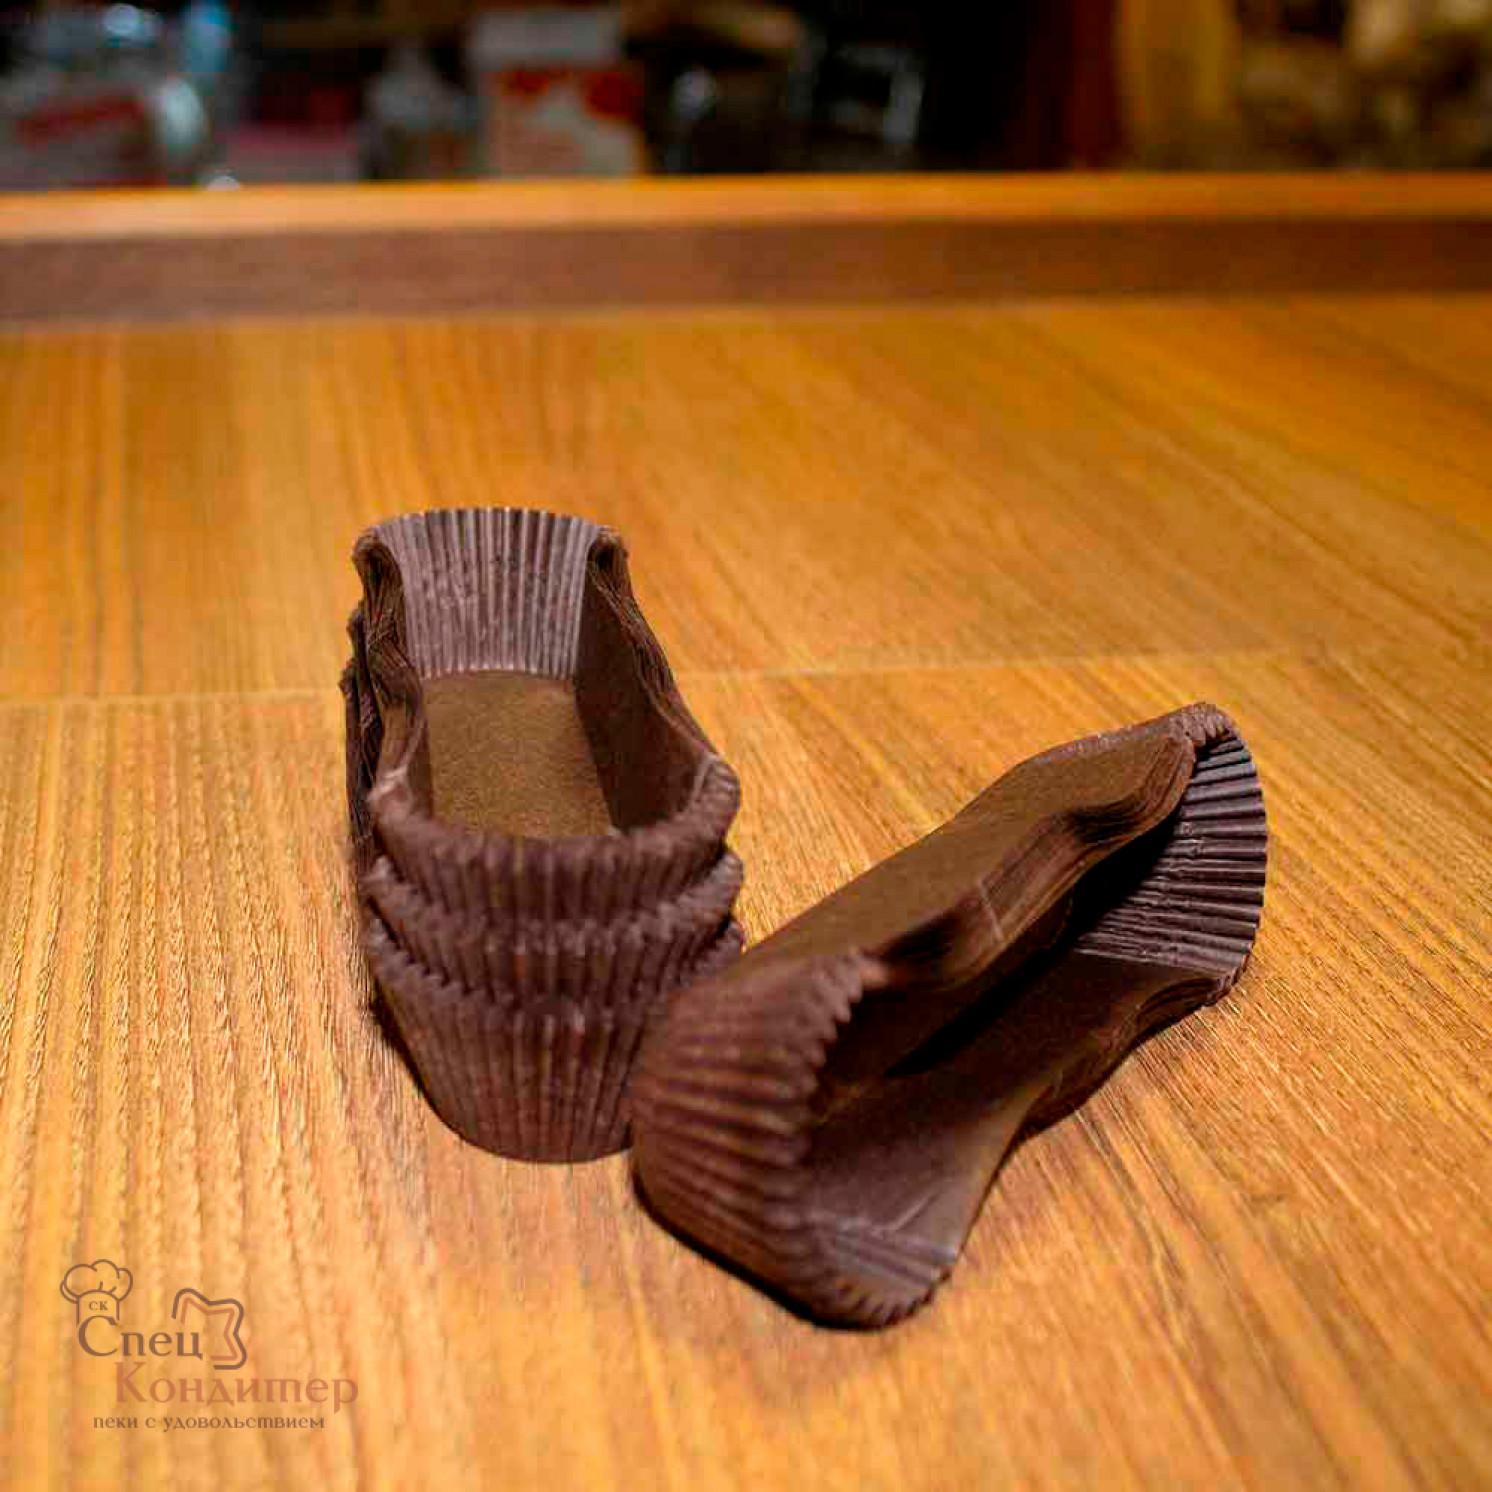 Тарталетки овал OV6 (коричневая), 28*110*26 мм, 100 шт/уп.